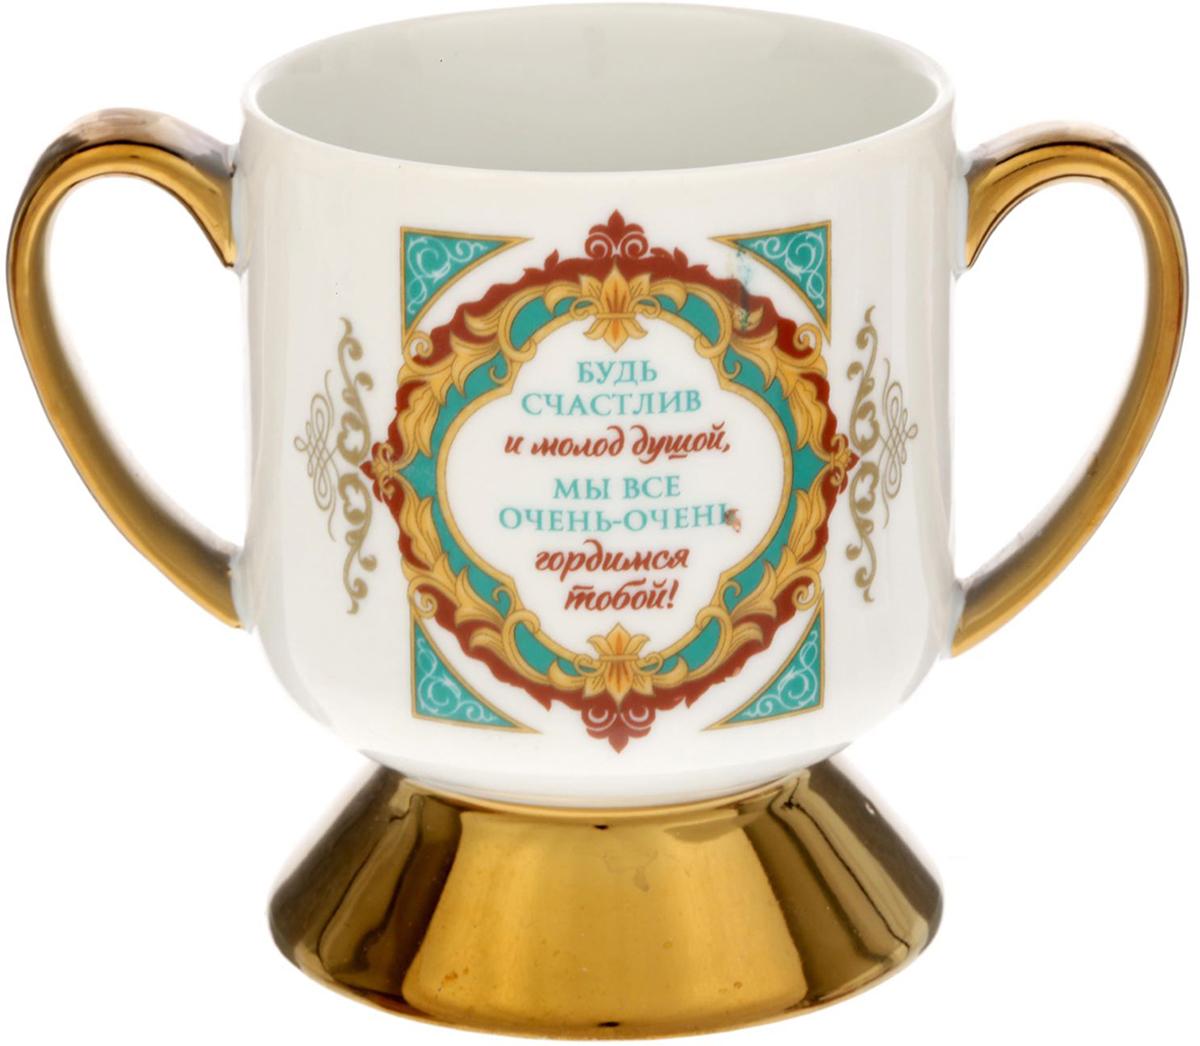 Кружка-кубок - новый способ поделиться самыми нежными чувствами. Необычный предмет из керамики станет чудесным подарком близкому человеку. Поверхность украшена вензельным рисунком и надписью с теплыми словами. Такой кубок можно поставить на самое видное место в доме или пить из него чай или компот. Дарите от всей души!